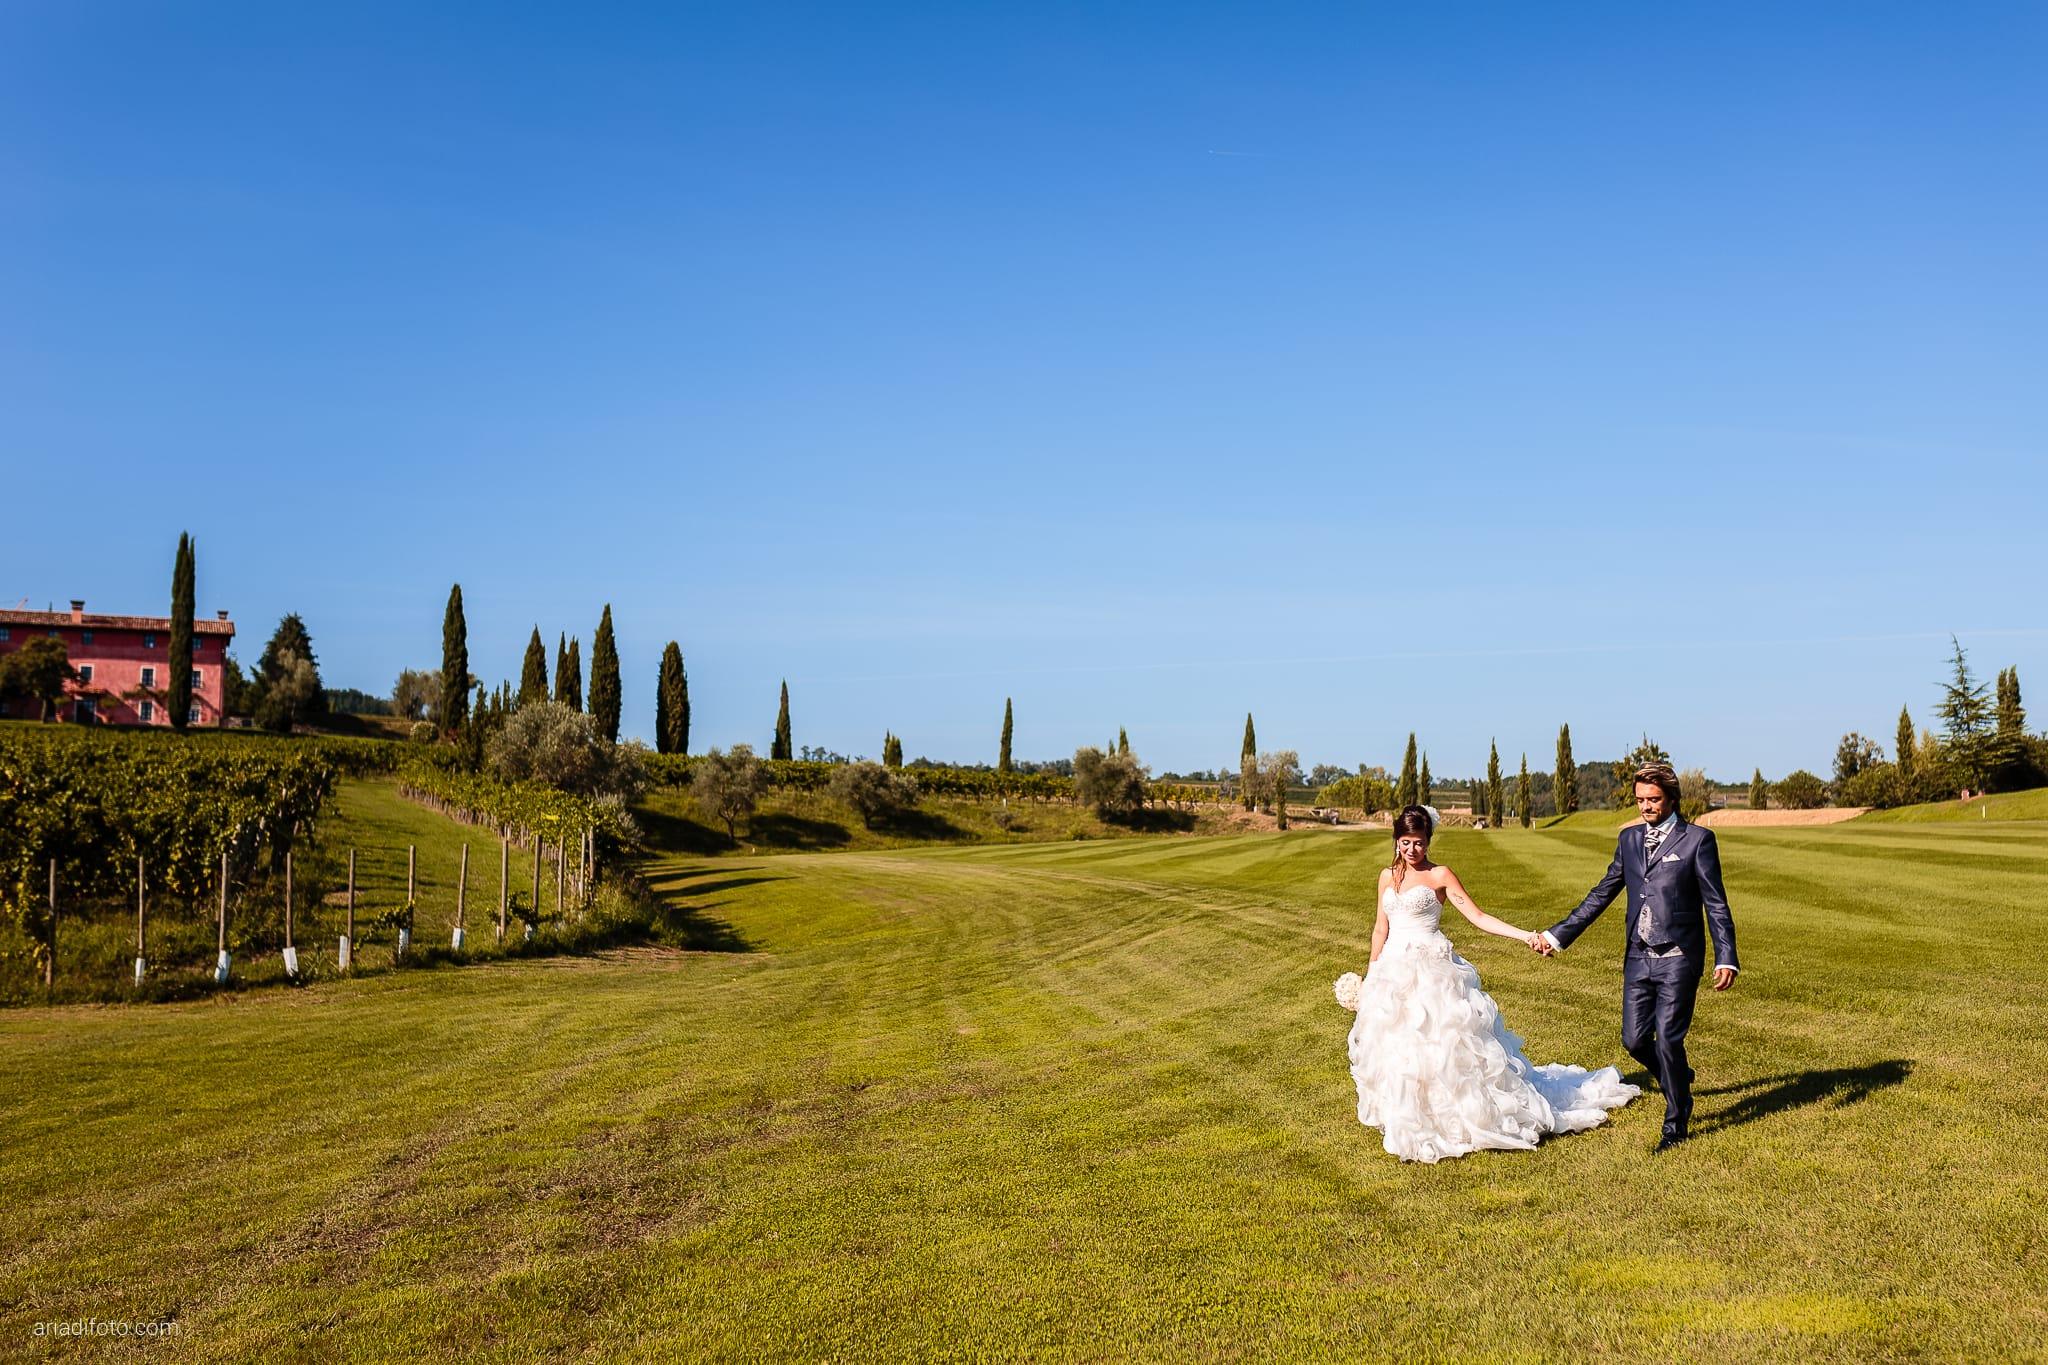 Melania Davide Matrimonio Monrupino Tavernetta Castello di Spessa Capriva Gorizia ritratti sposi